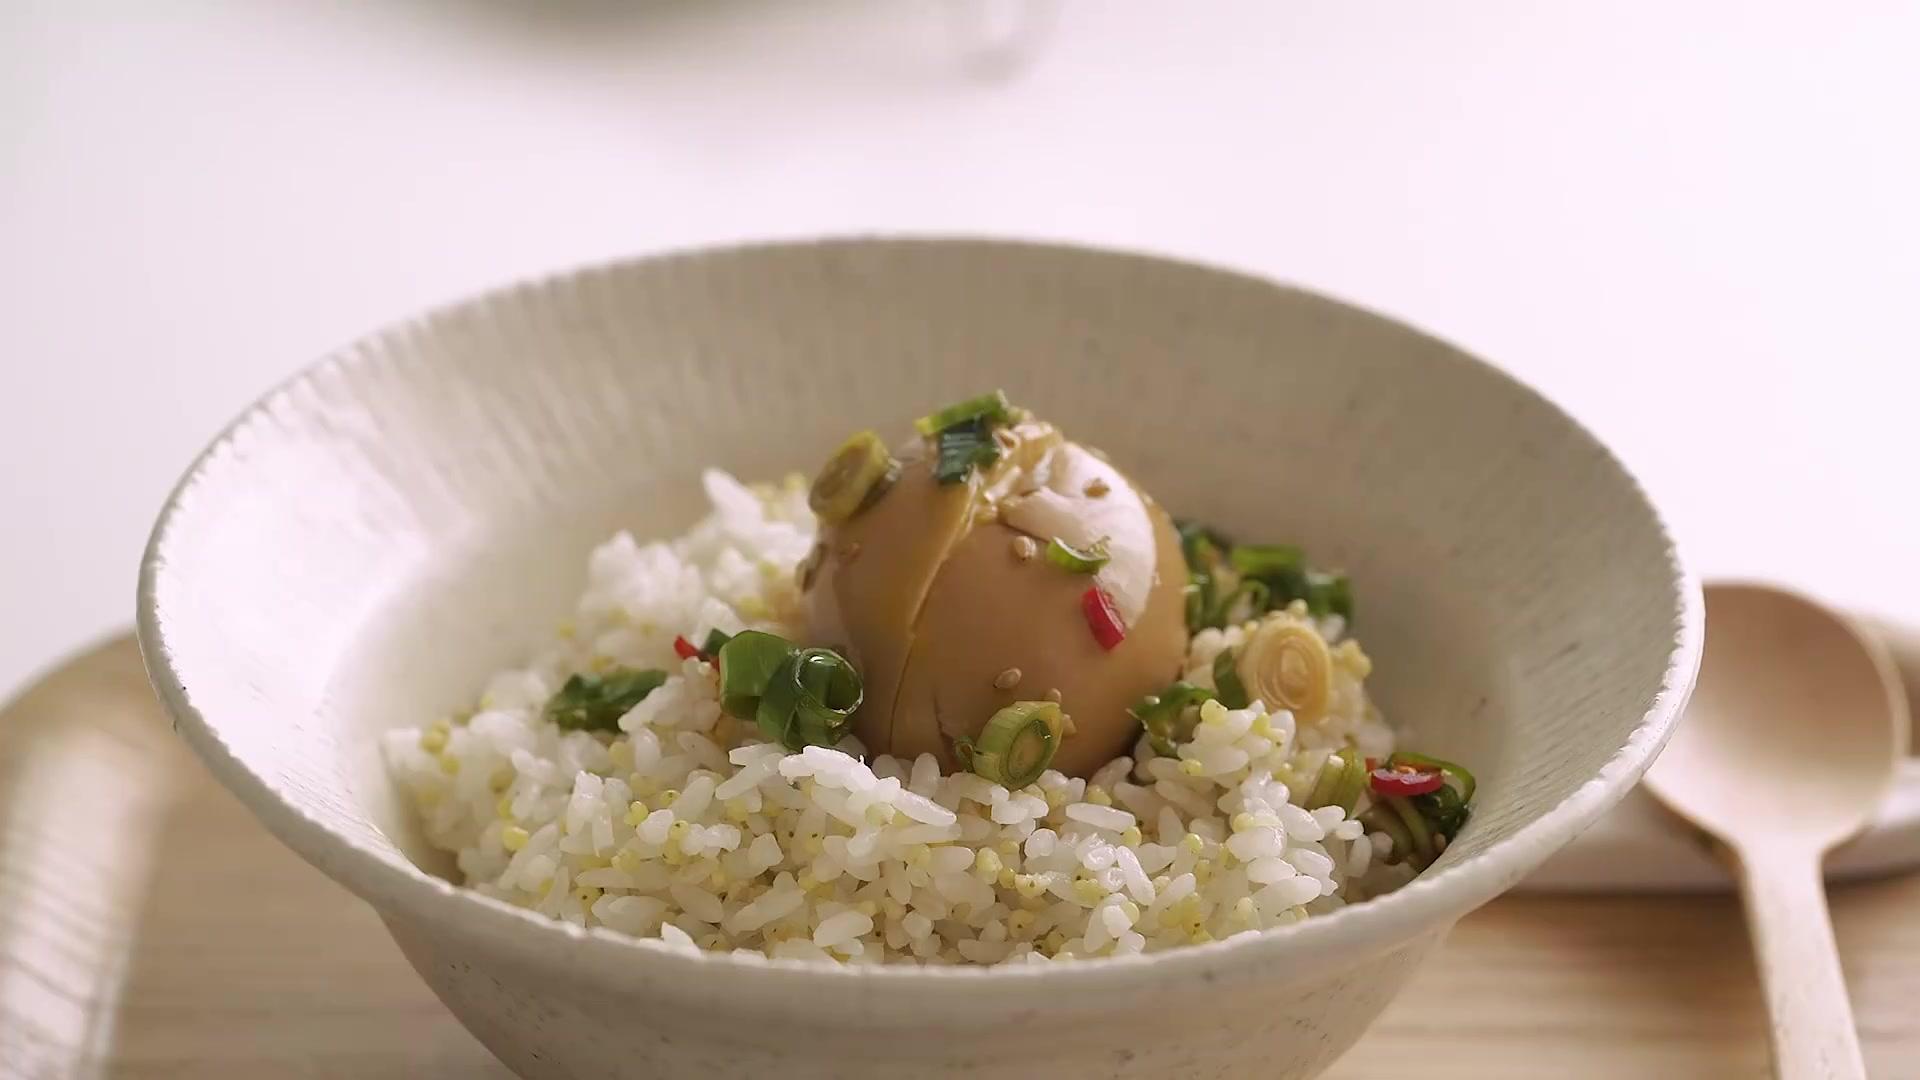 Honeykki Episode 200: Seasoned Egg in Soy Sauce [Honeykki]